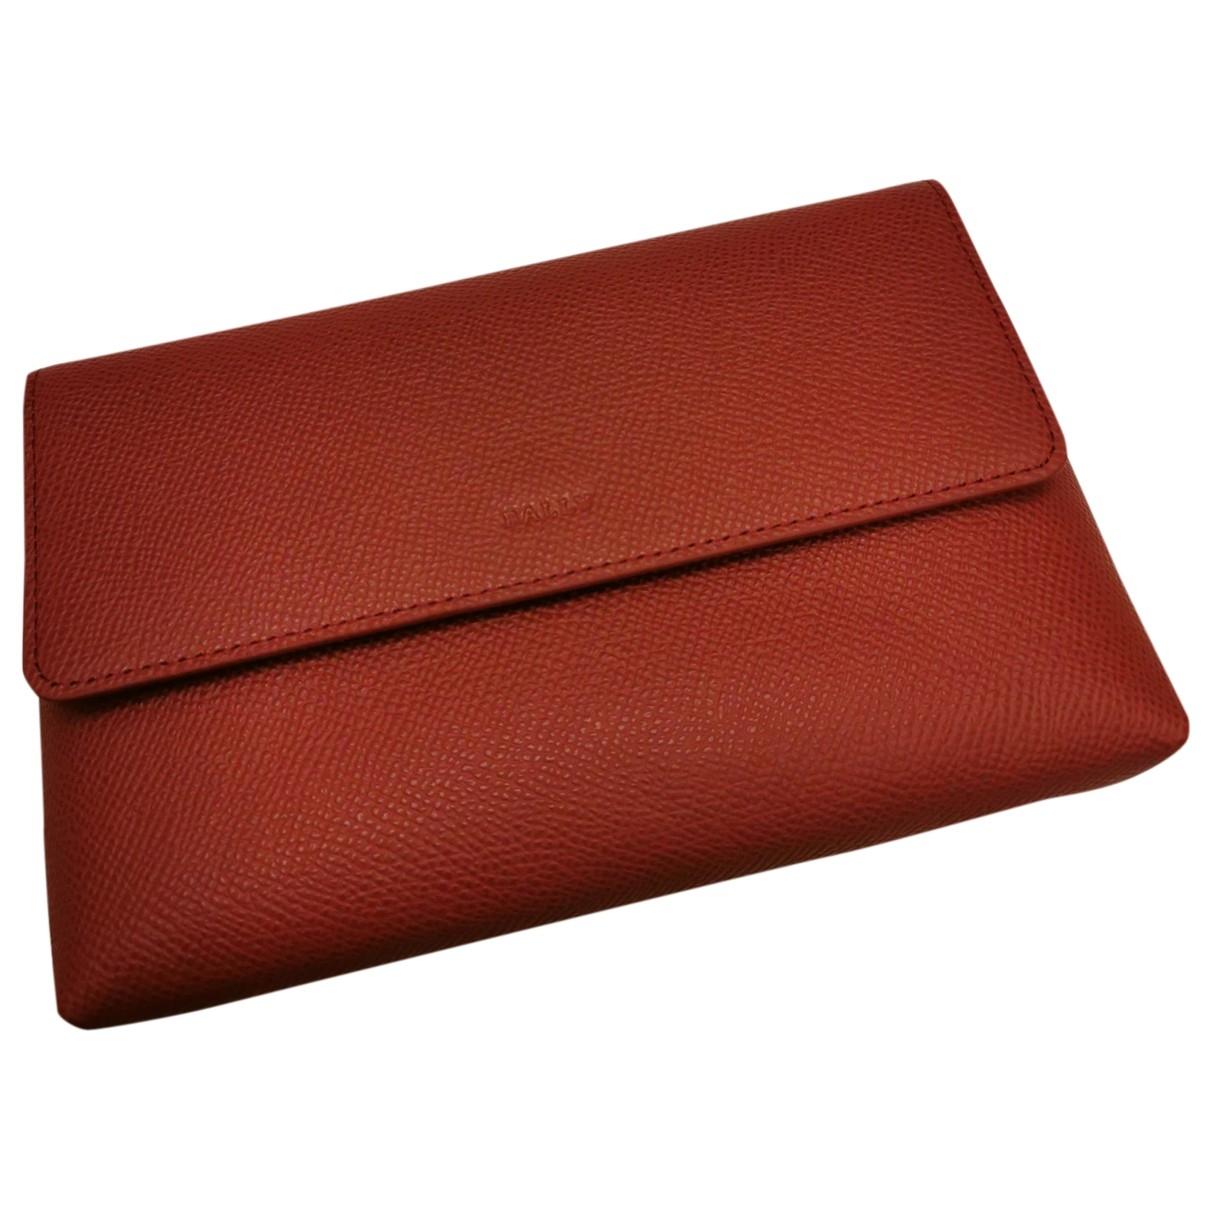 Bally - Petite maroquinerie   pour homme en cuir - rouge